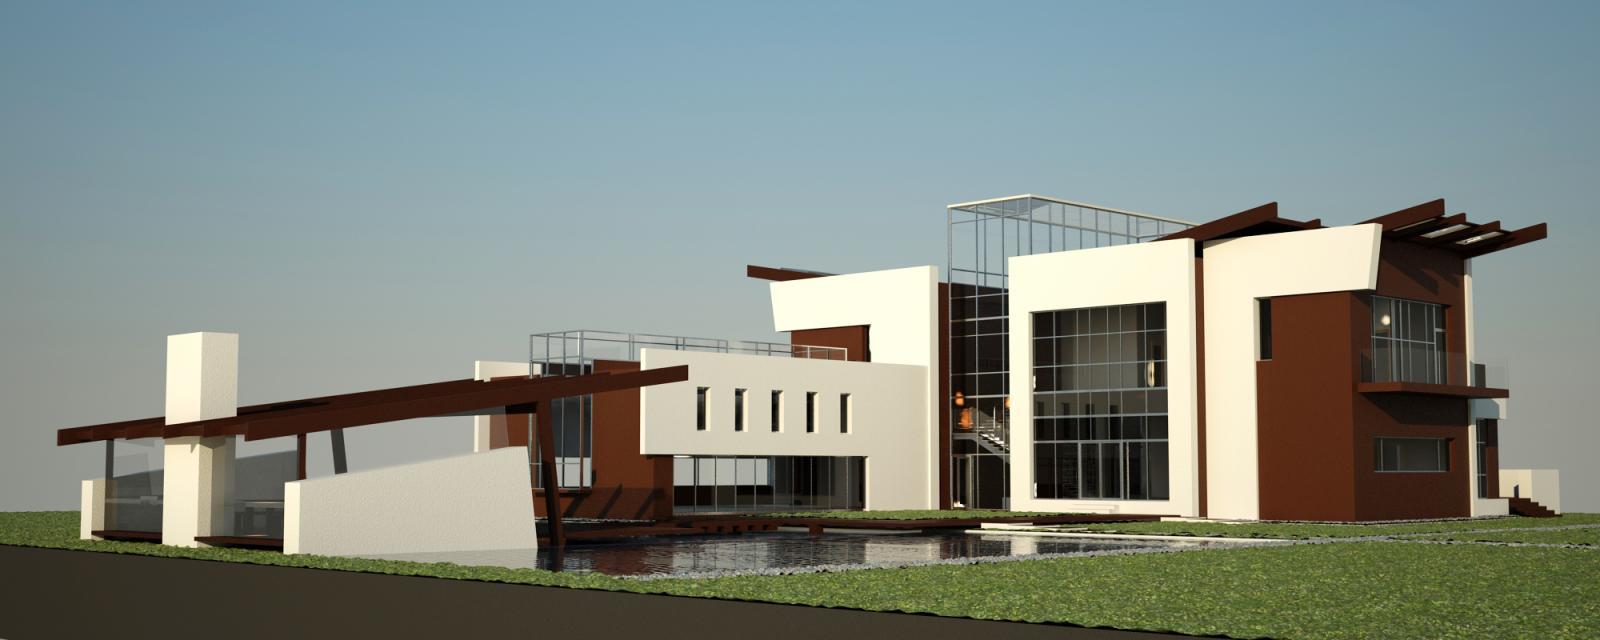 Проект жилого дома усадебного типа в пгт. Ворзель - 3